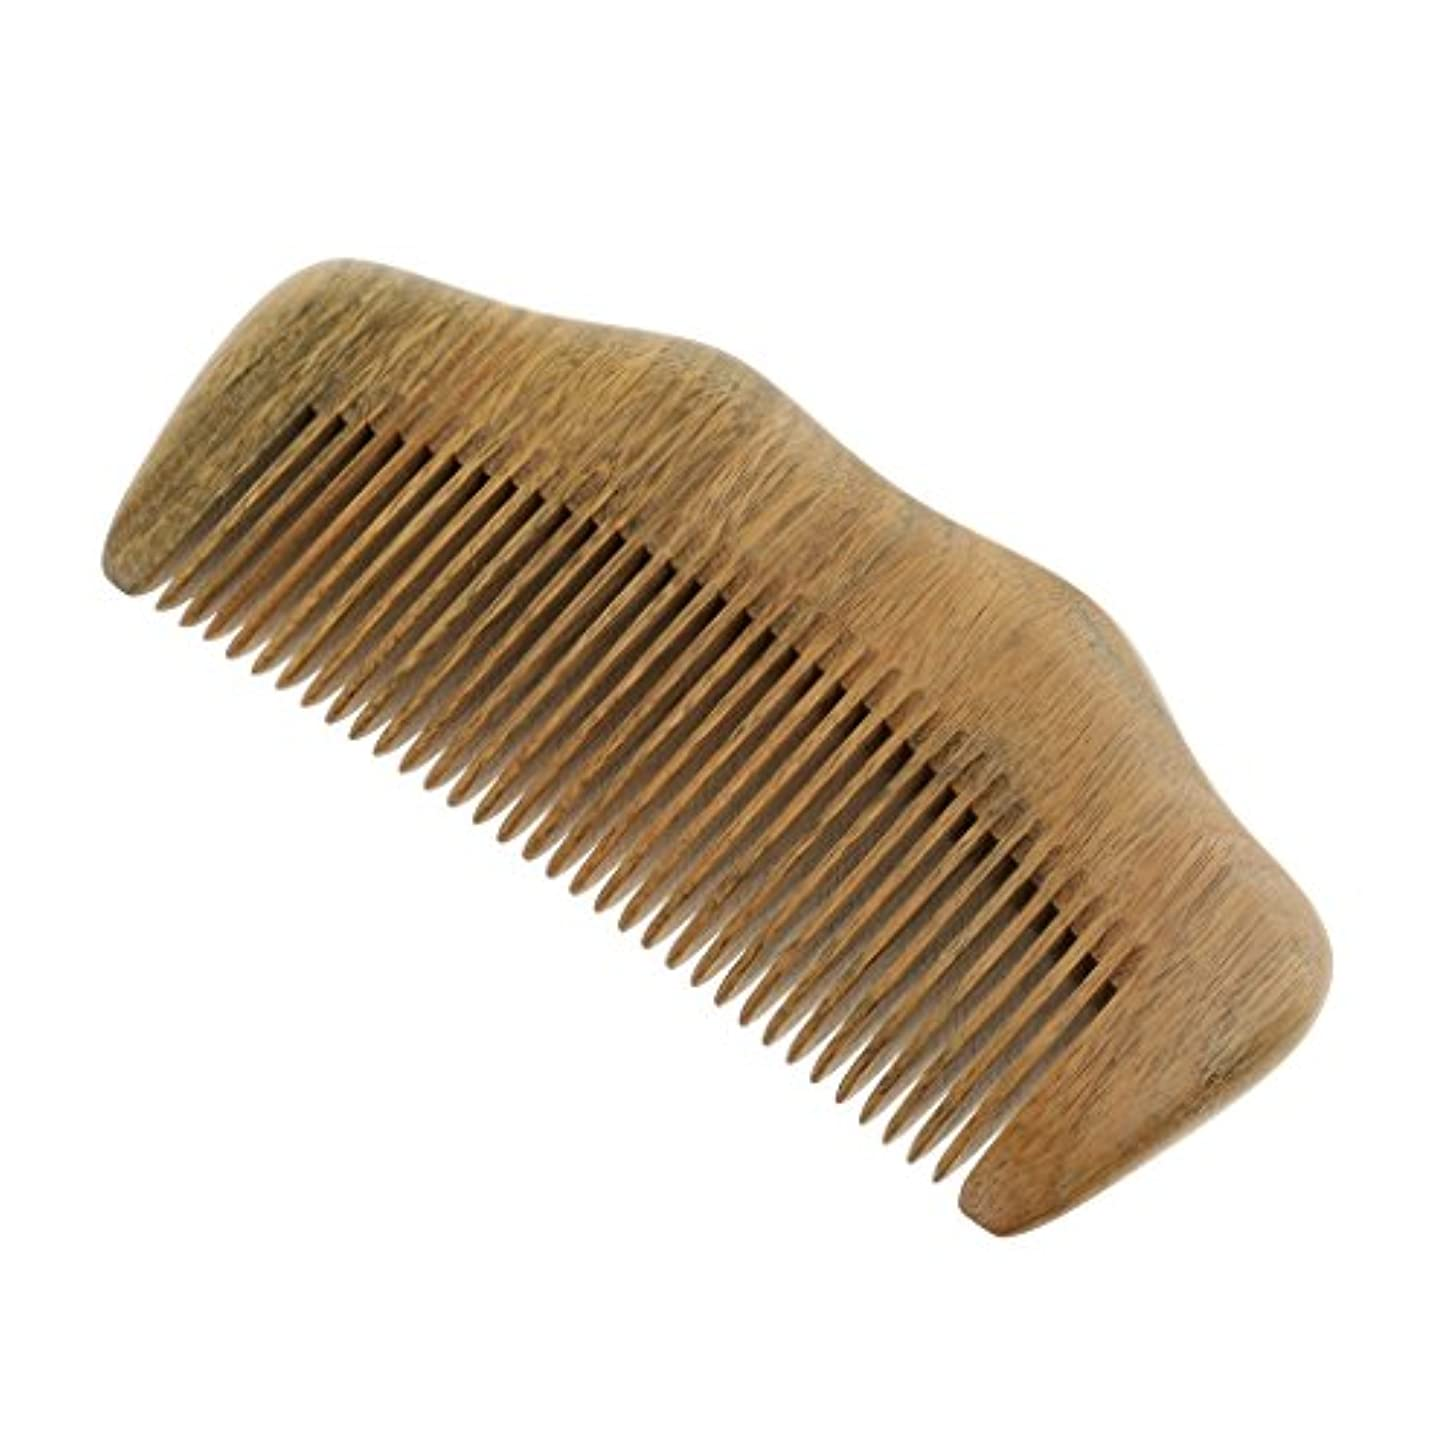 スプーン成長場所Homyl ウッド ヘアコーム ナチュラル 木製 ストレート マッサージ ファインティース 高品質